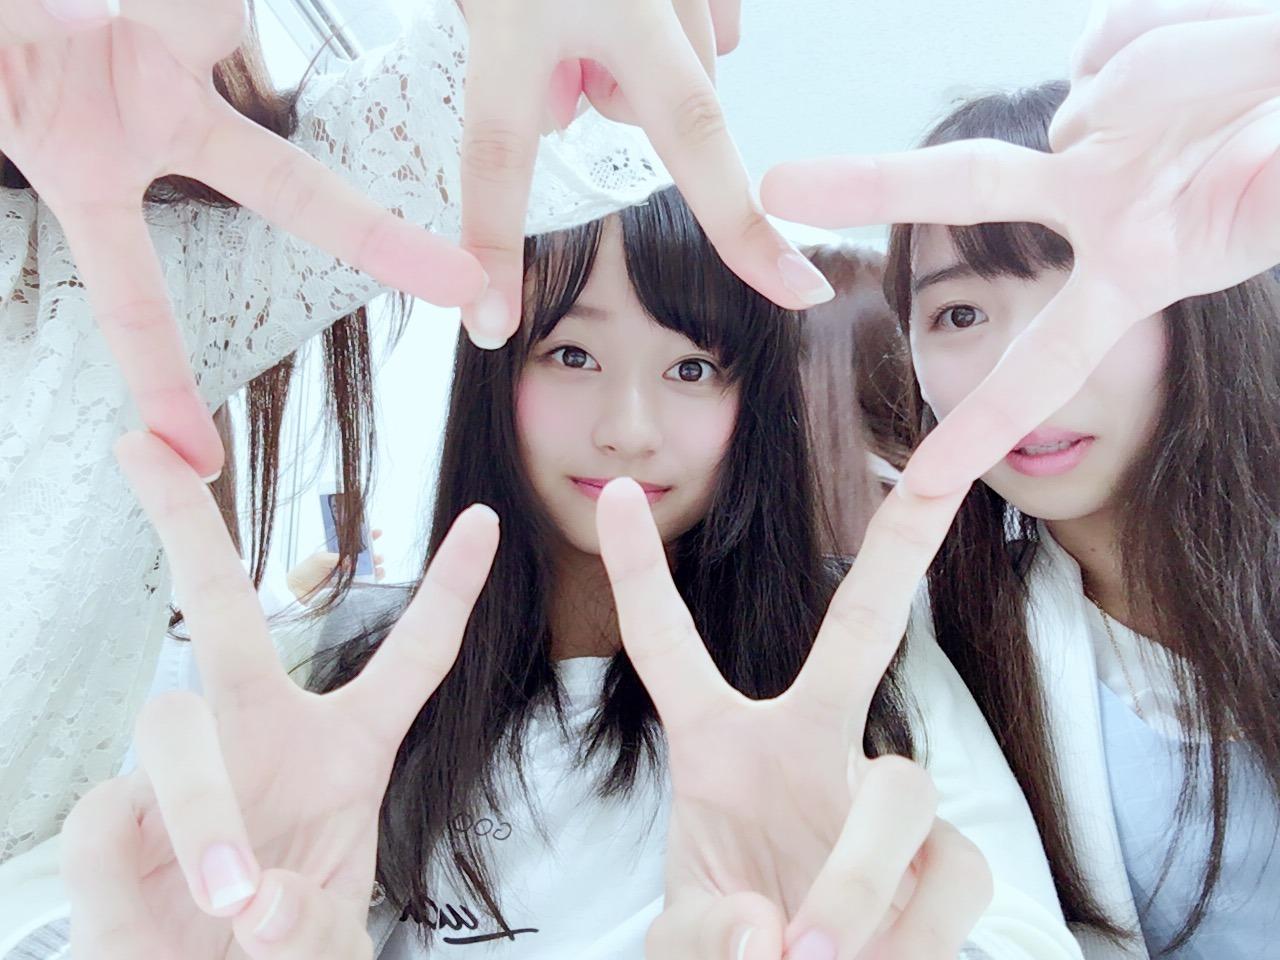 【日向坂46】影山優佳応援スレ★9 【アゲてけっ!】 YouTube動画>6本 ->画像>221枚